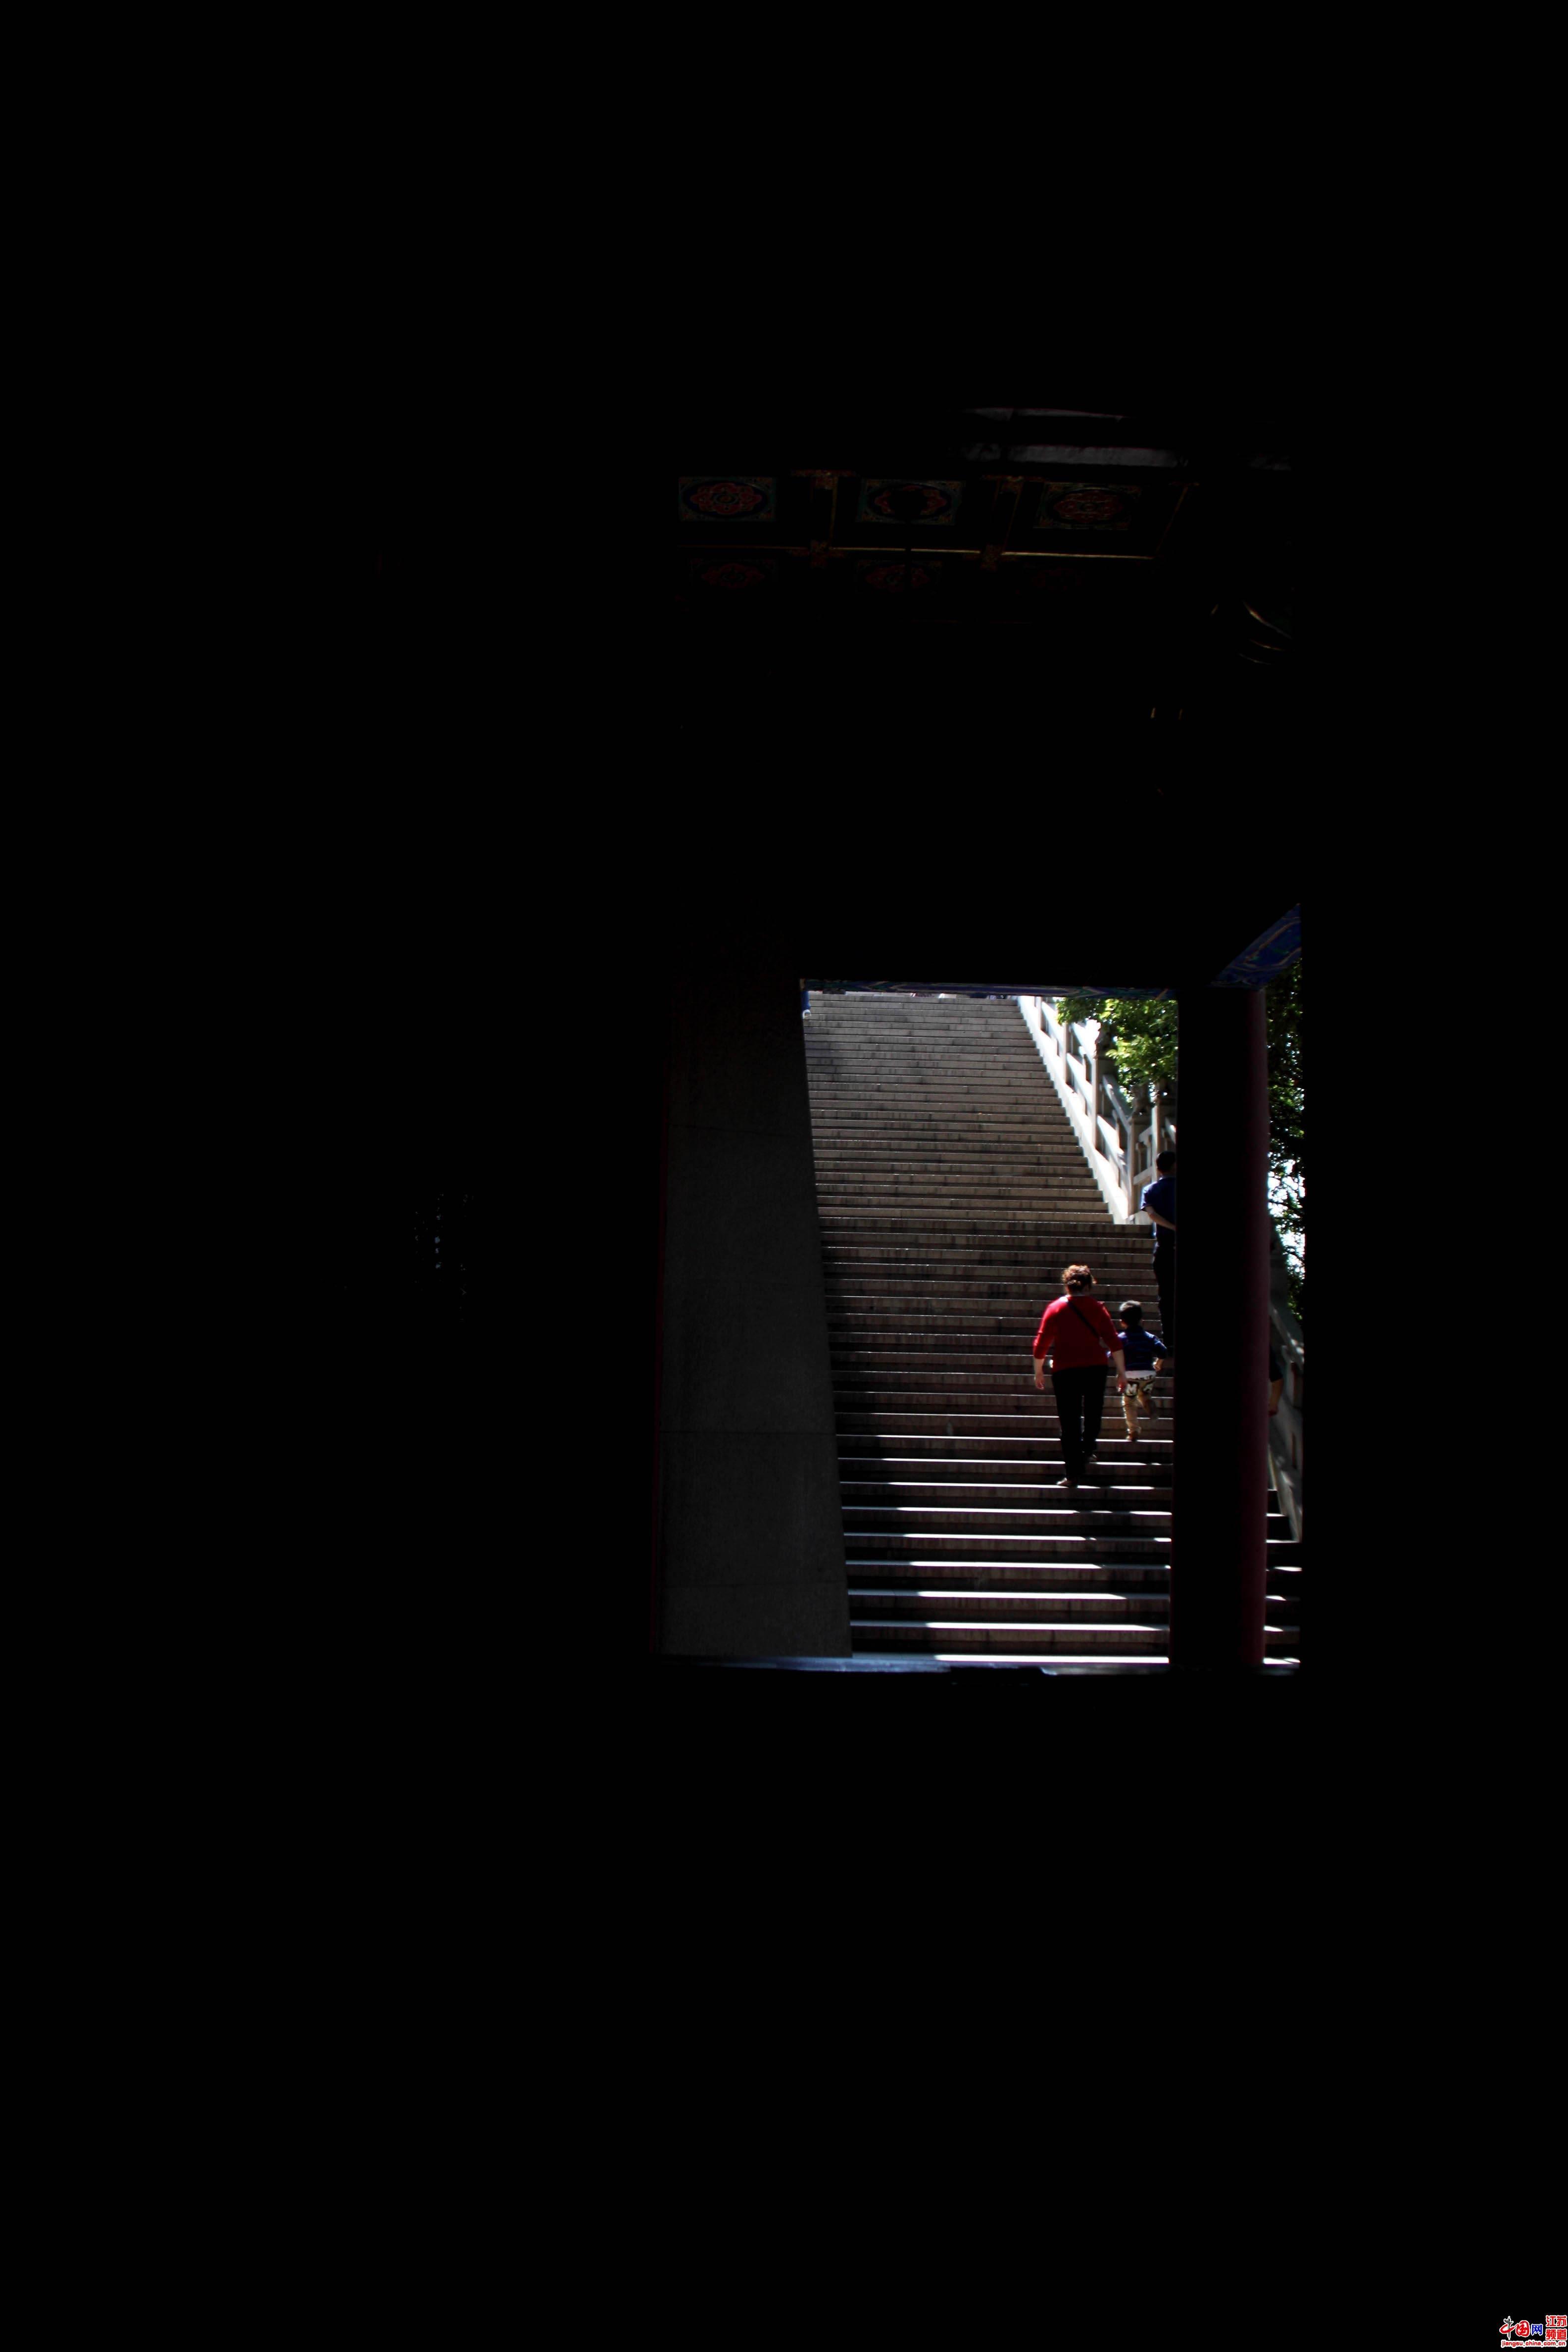 """中秋、国庆长假期间江苏省各地文化活动不断,此家唱罢彼家登台,大有百花齐放之势。镇江有""""金山旅游文化节""""的闪亮登场,苏州有传统的赏月活动""""石湖串月"""",而在南京的阅江楼景区则有""""非物质文化遗产精品展""""等活动。(记者 雷志芳、王泱泱)"""